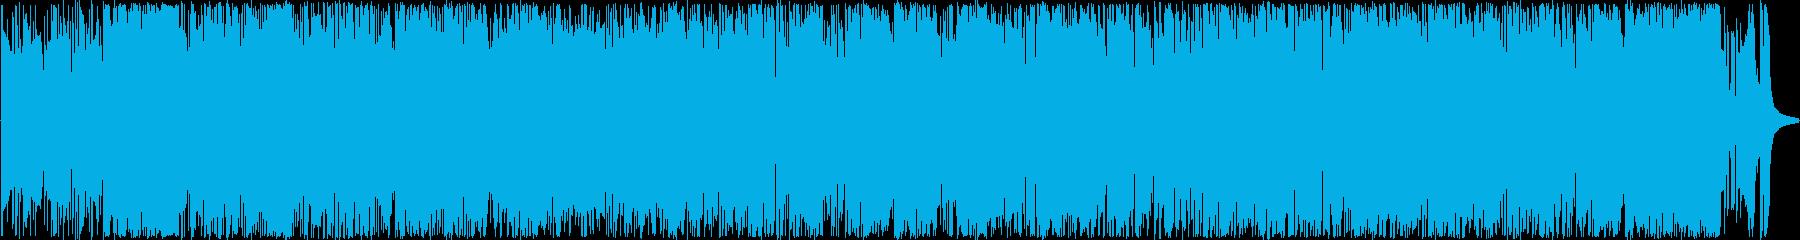 アップテンポでハードボイルドなジャズの再生済みの波形